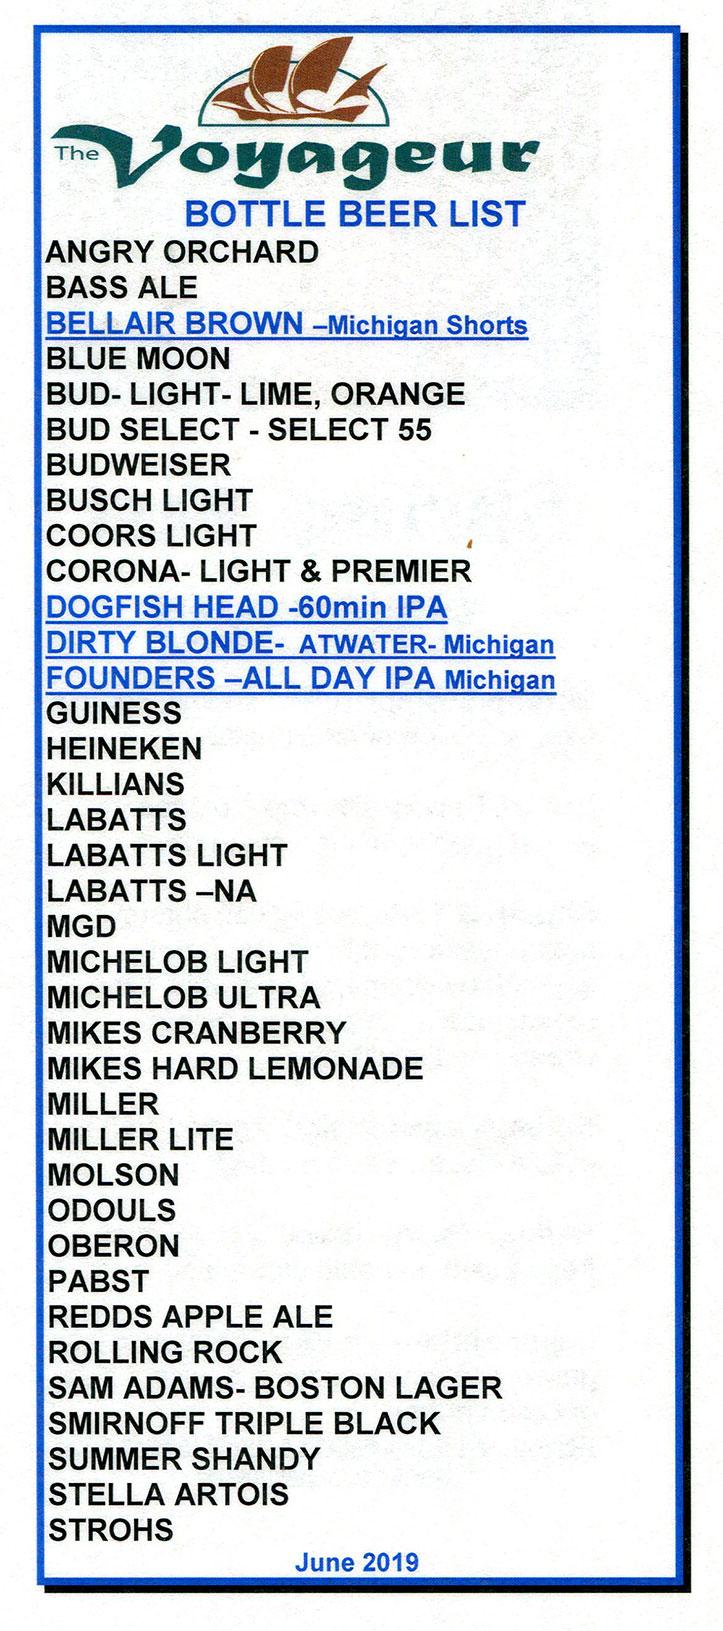 The Voyageur Beer list